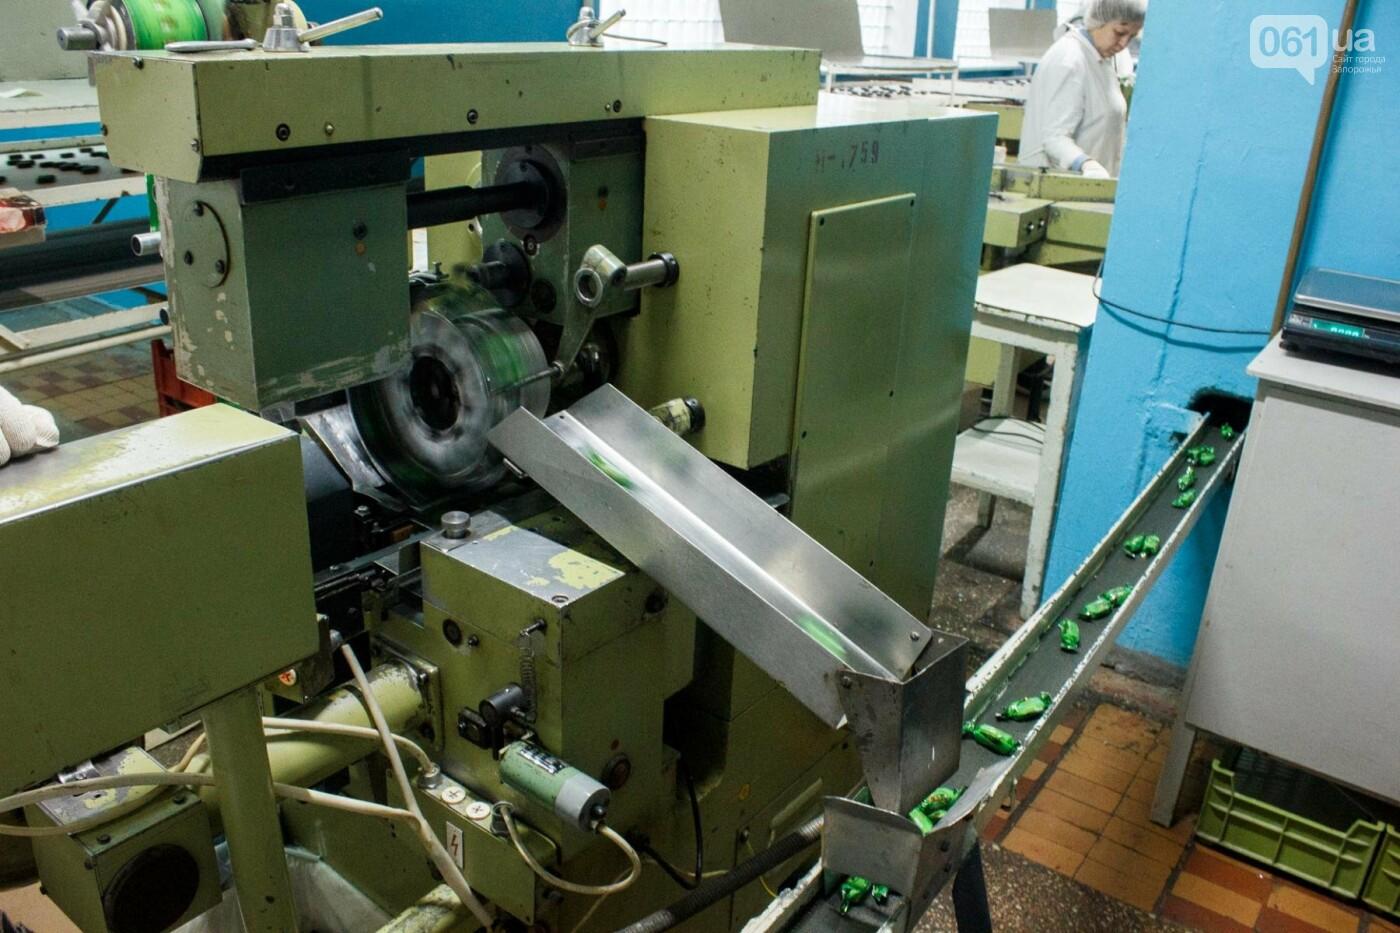 Как в Запорожье делают конфеты: экскурсия на кондитерскую фабрику, – ФОТОРЕПОРТАЖ, фото-30